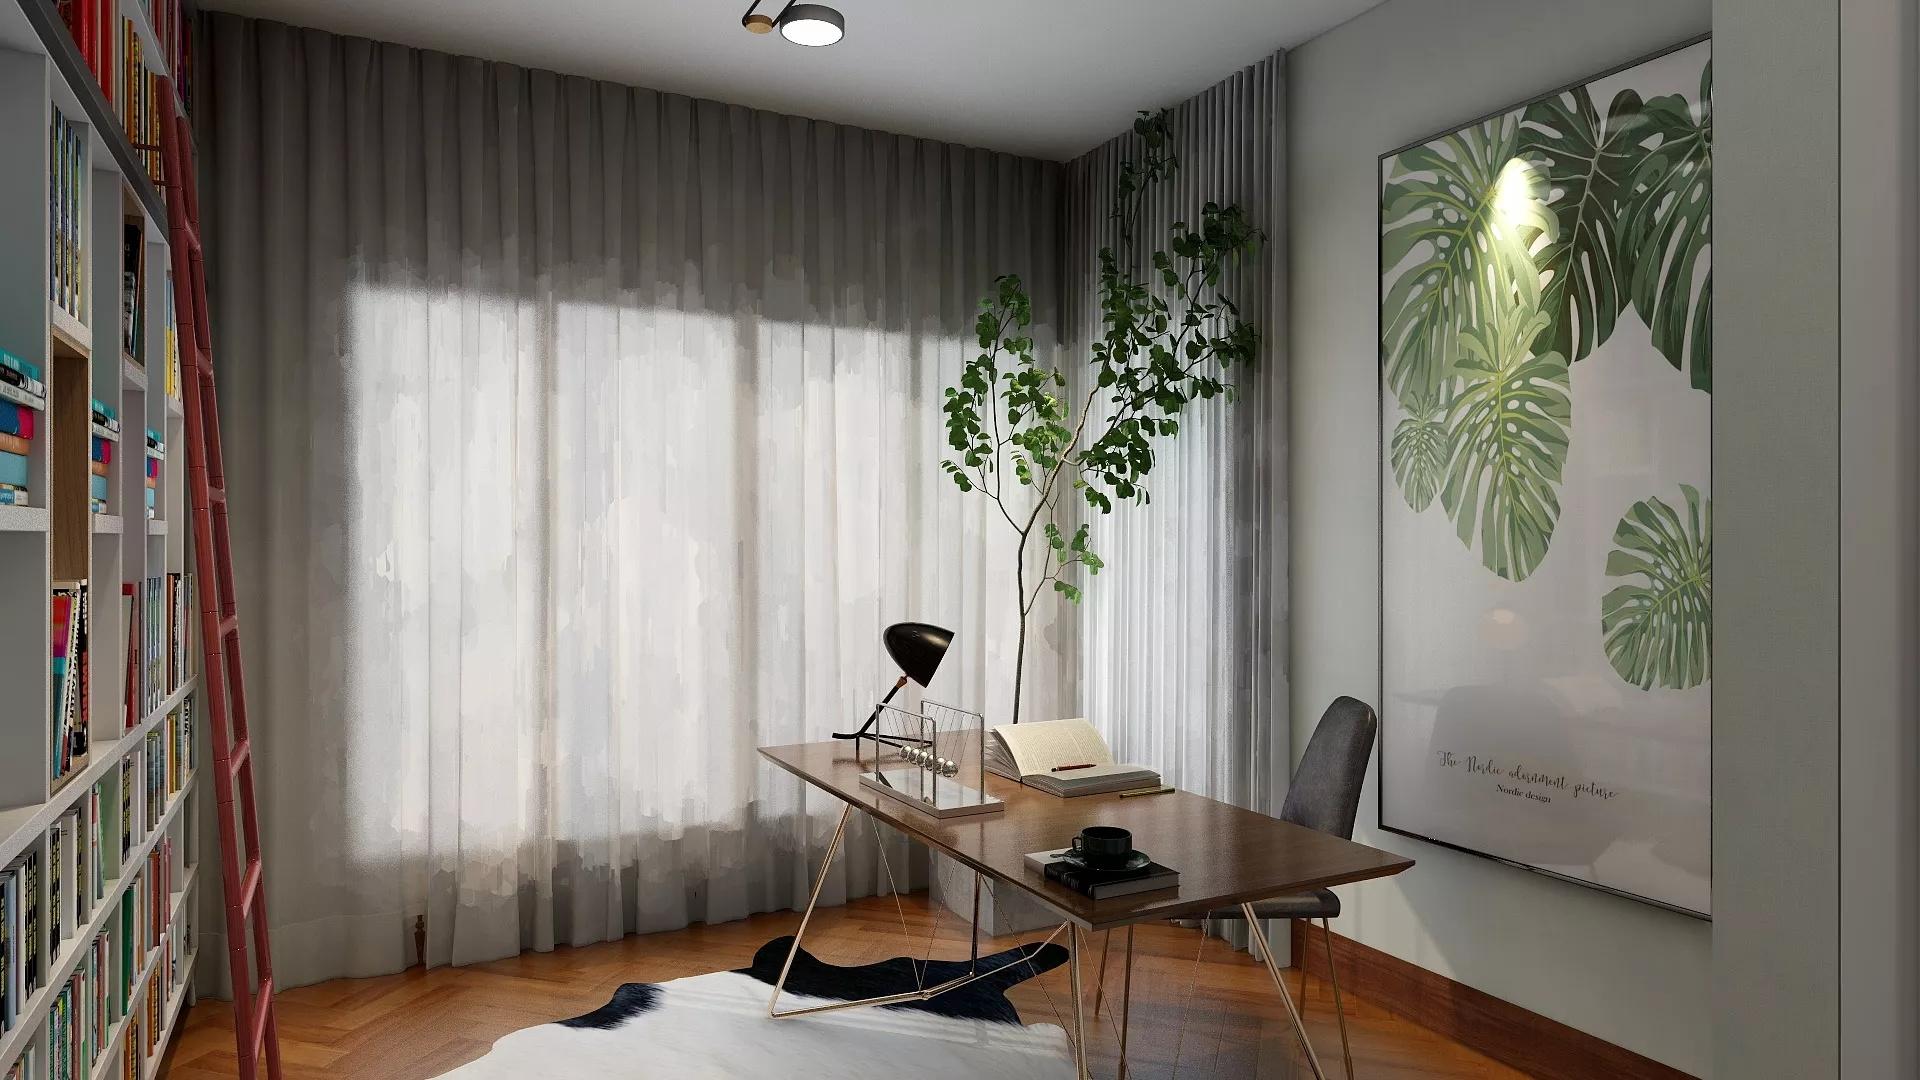 80㎡北欧风格混搭公寓装修效果图